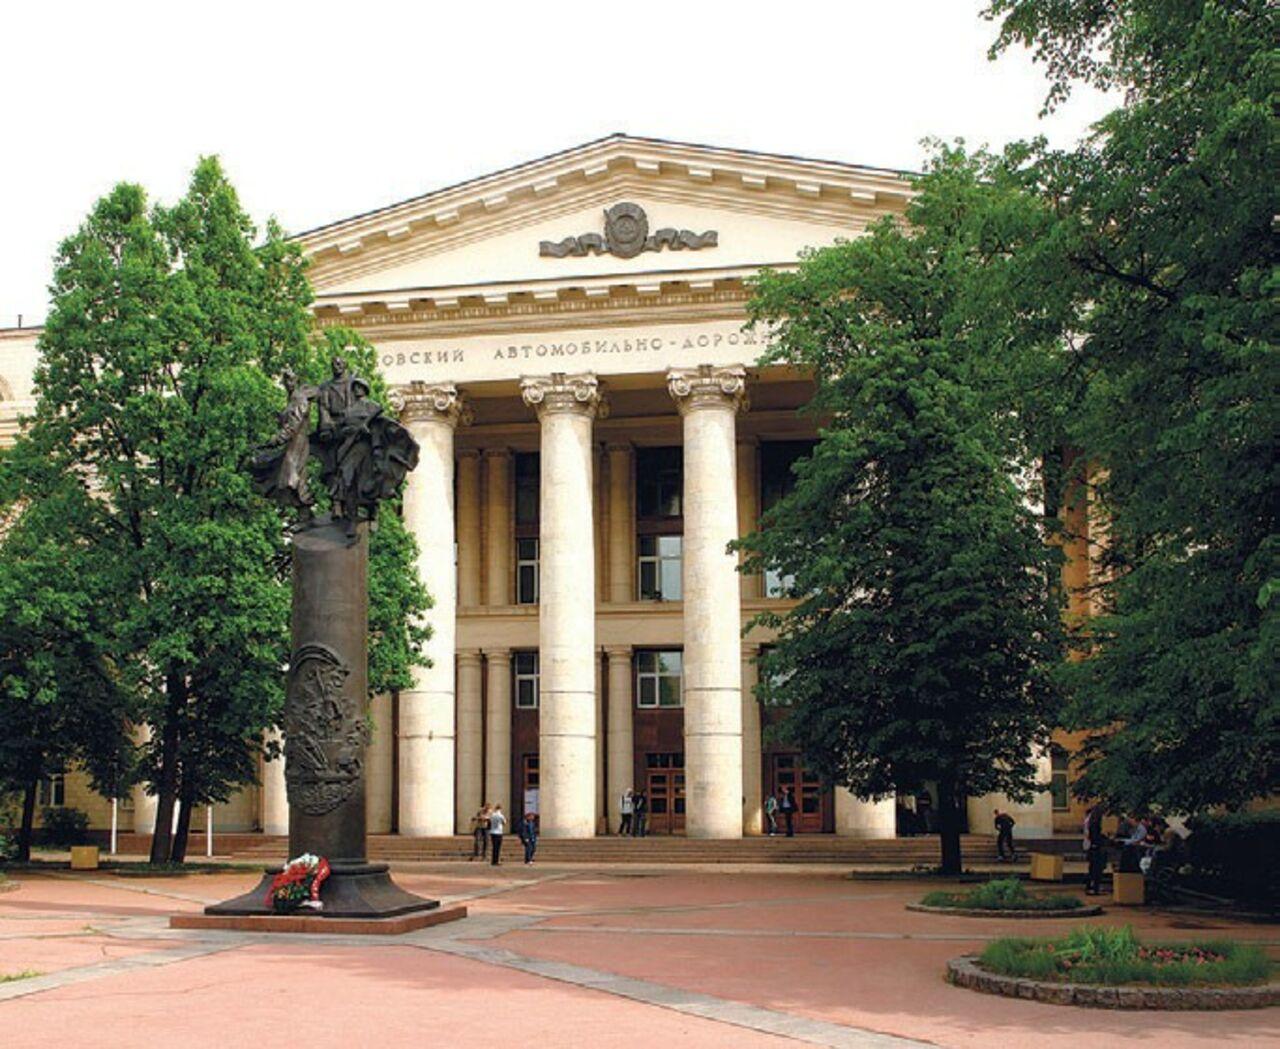 Трое управляющих МАДИ арестованы запопытку украсть 5 млн. изкассы университета